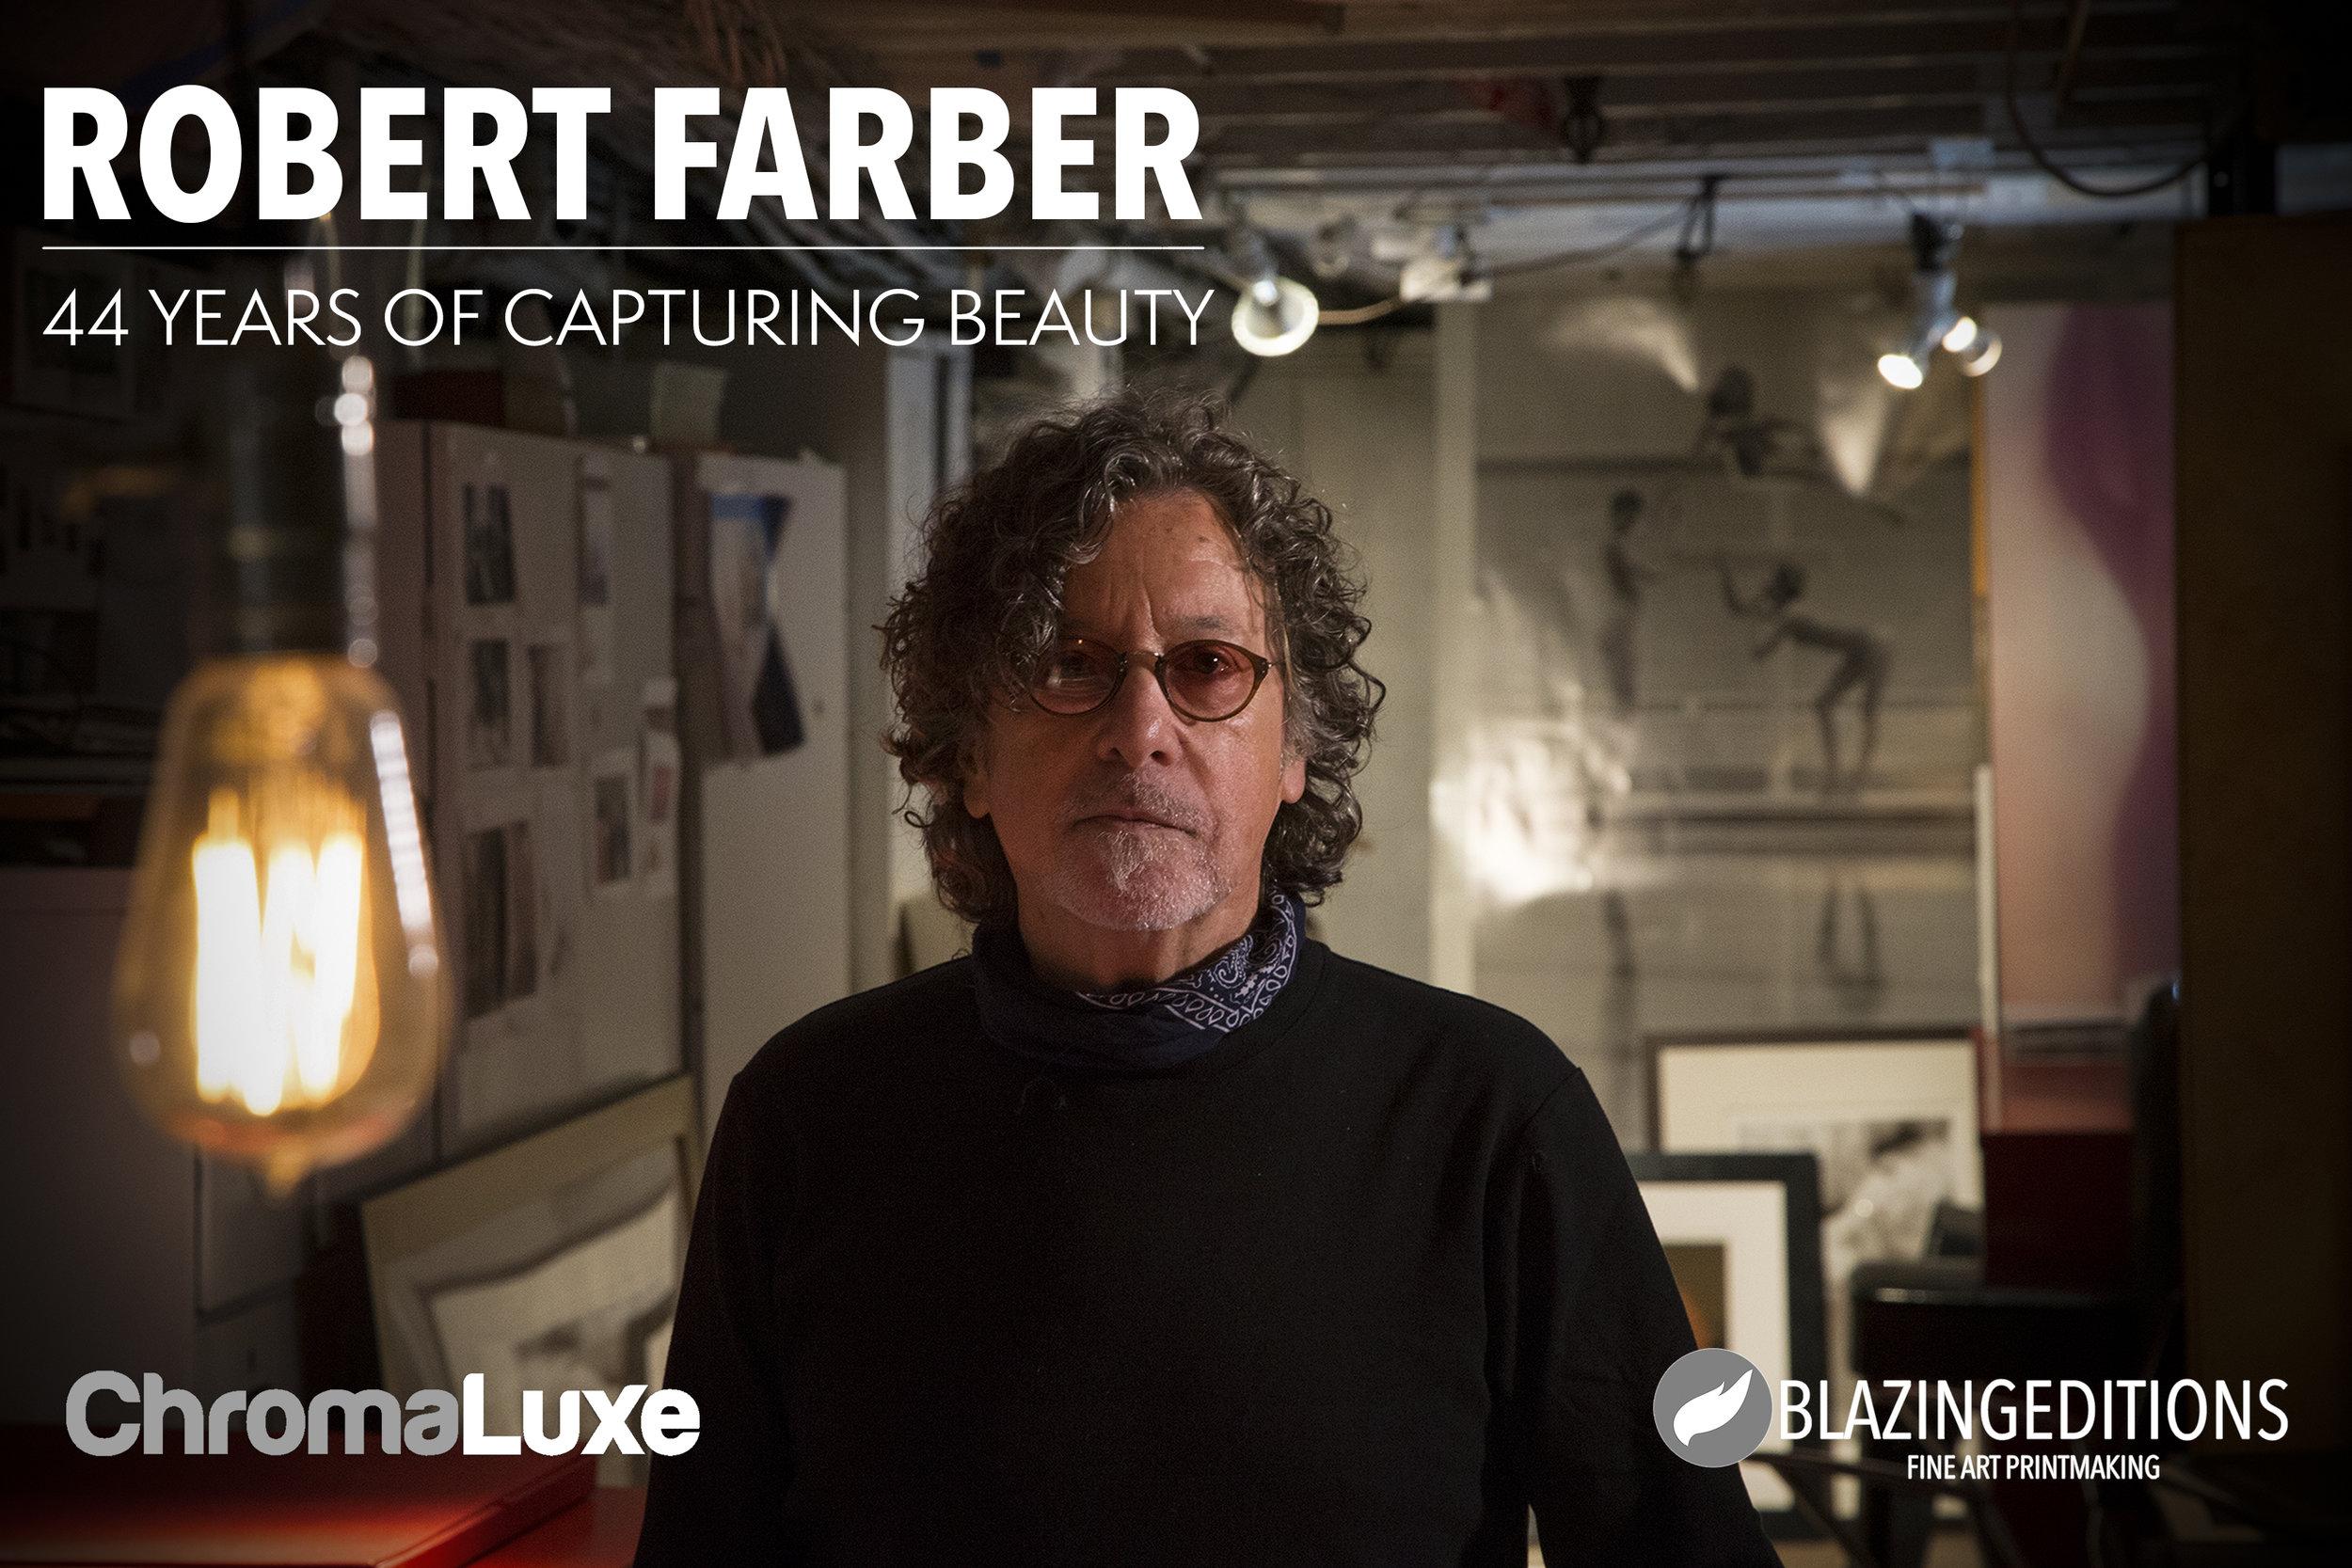 44 Years of Caputring Beauty 30x45.jpg